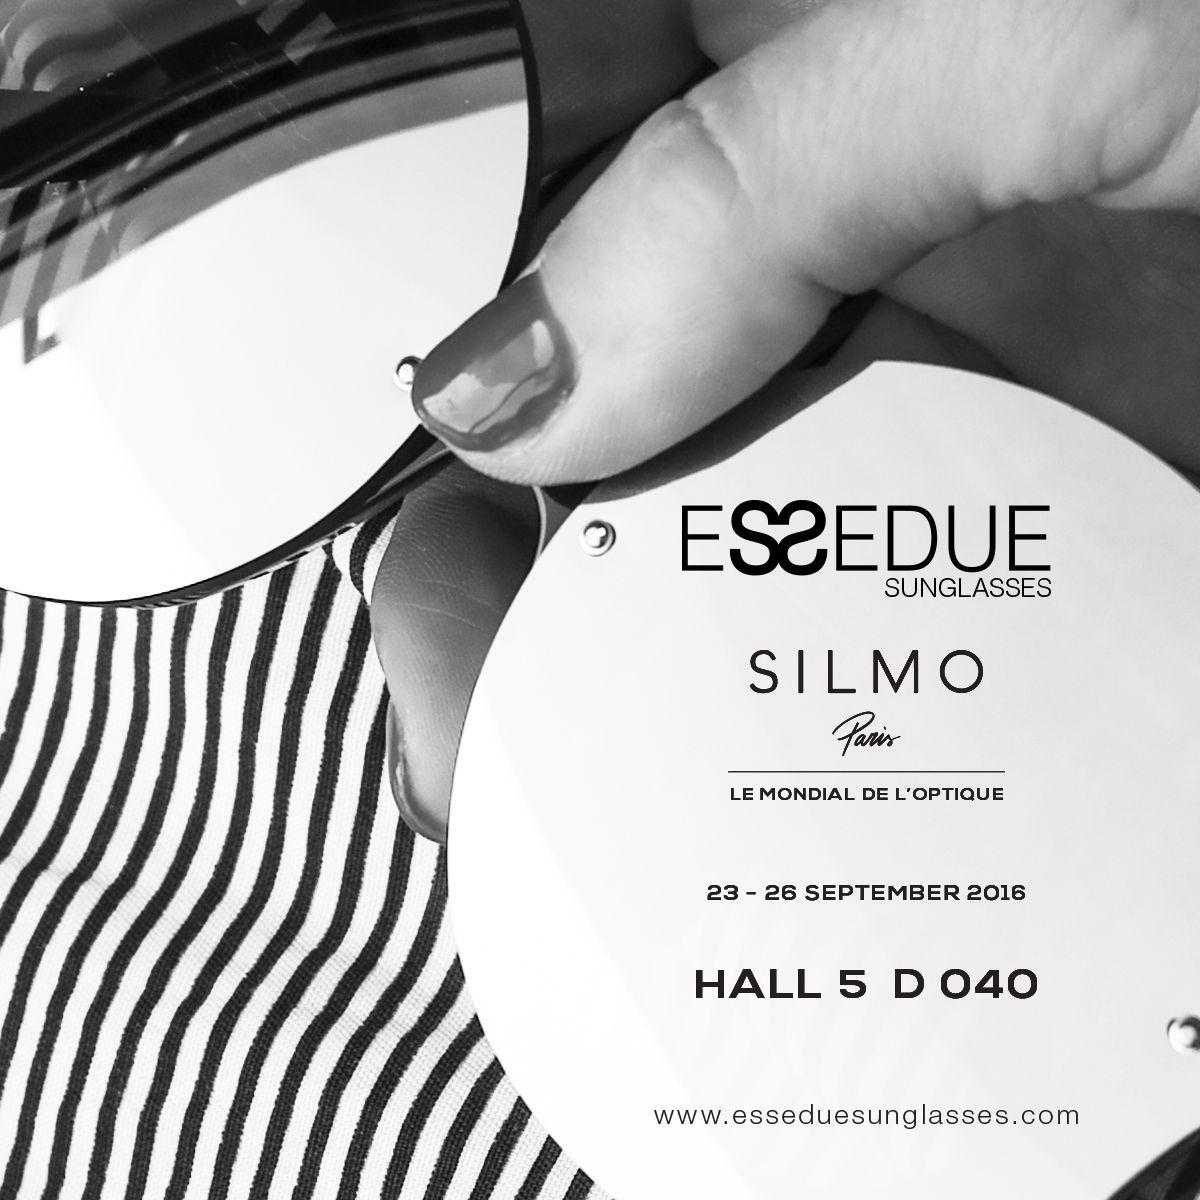 #silmoparis #silmo #essedue #esseduesunglasses #design #handmadeinitaly #sunglasses #eyeglasses #opticalfair